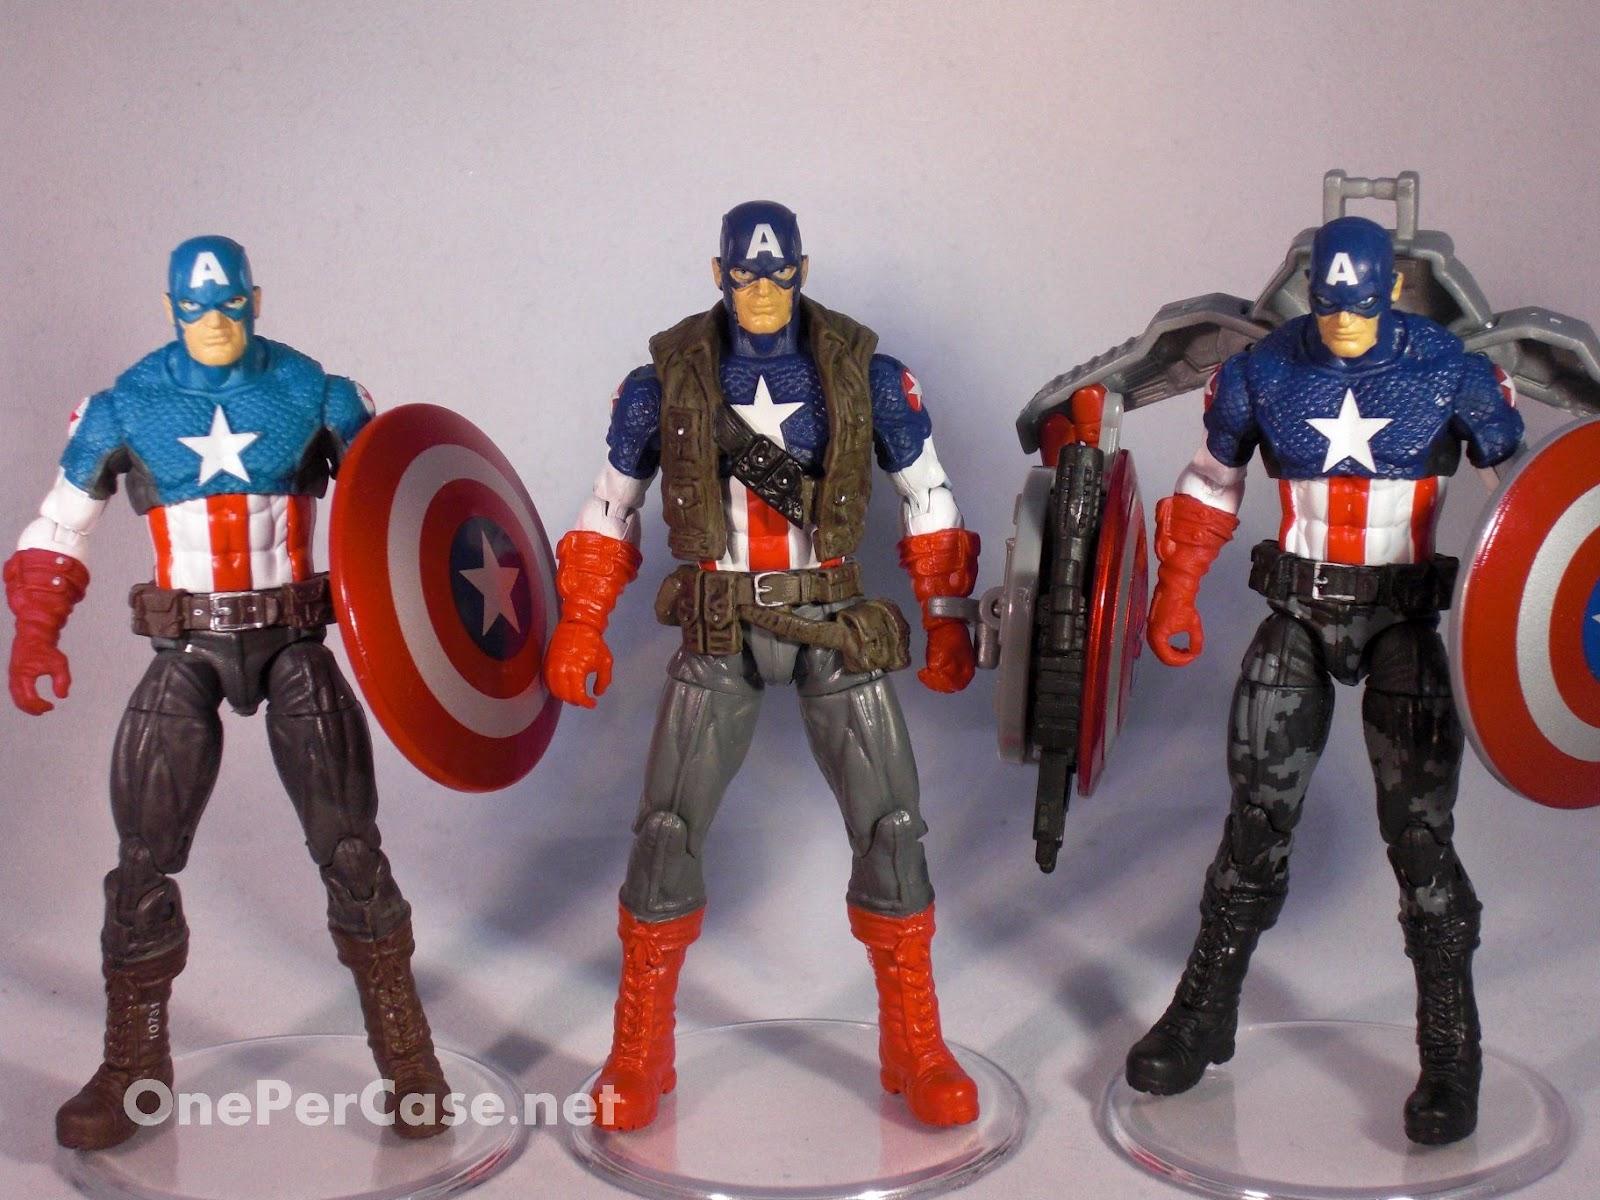 One Per Case: The Avengers: Super Shield Captain America #01